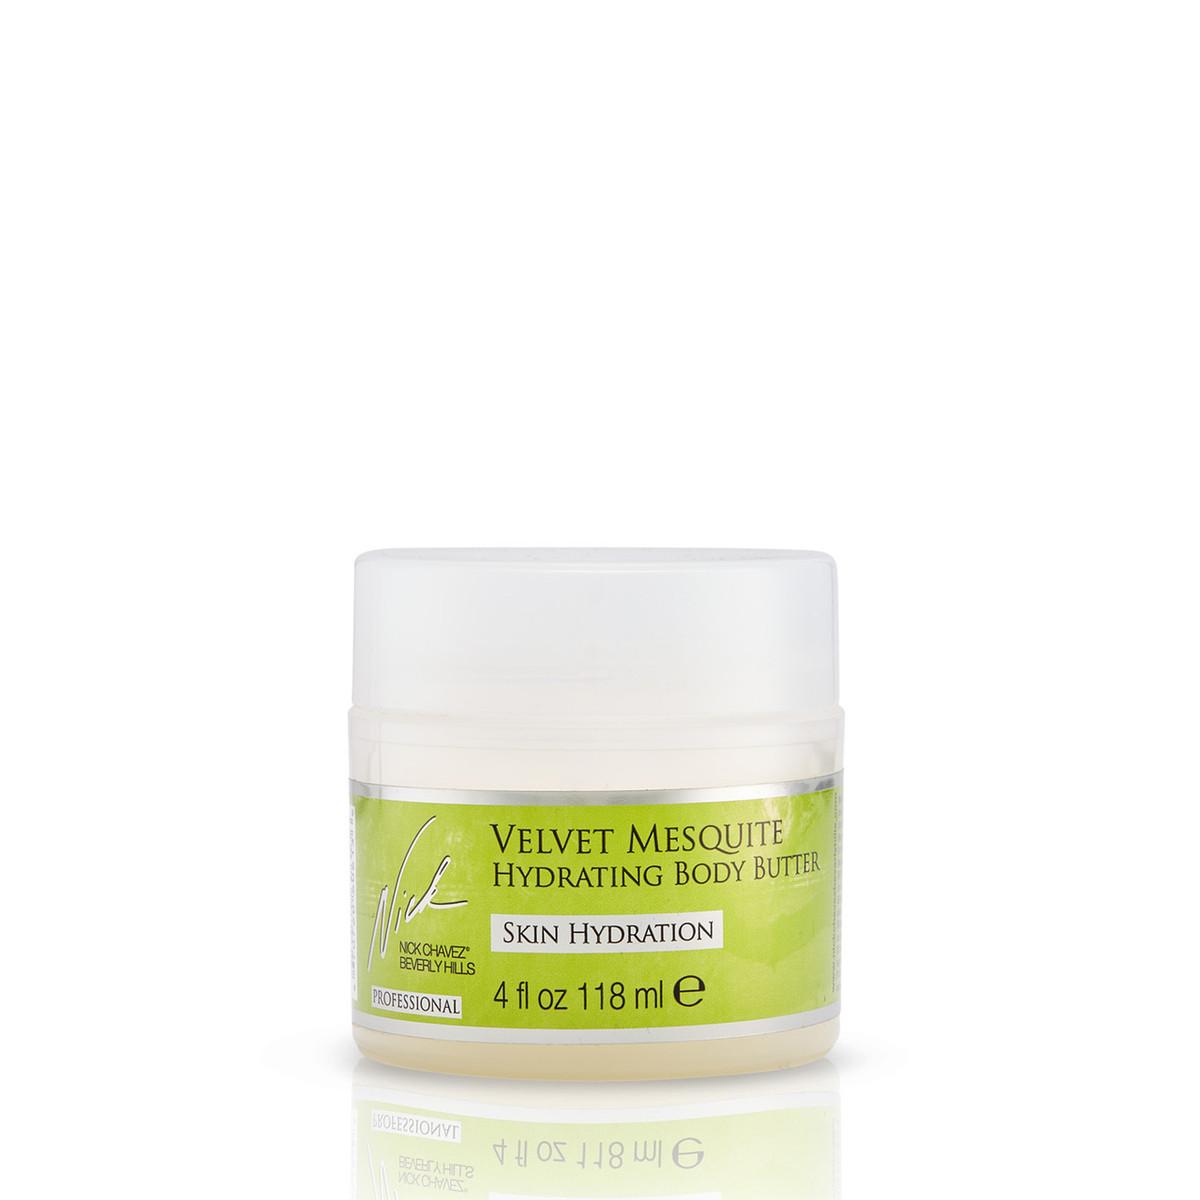 Velvet Mesquite Hydrating Body Butter